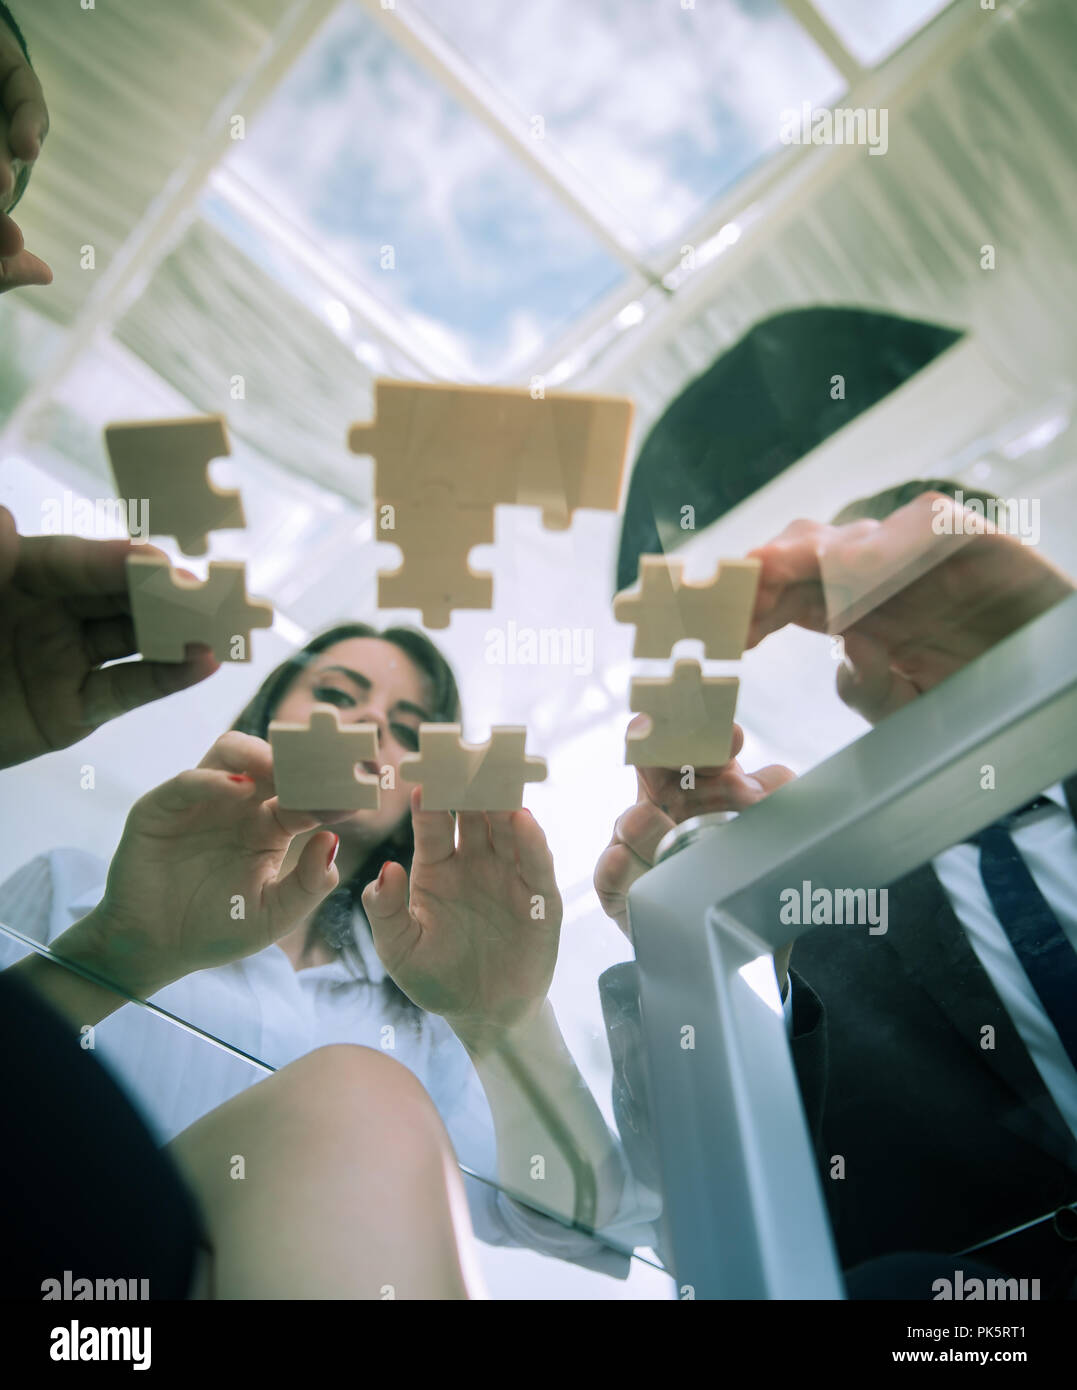 Vista inferior. equipo empresarial plegado de las piezas del rompecabezas. . Imagen De Stock